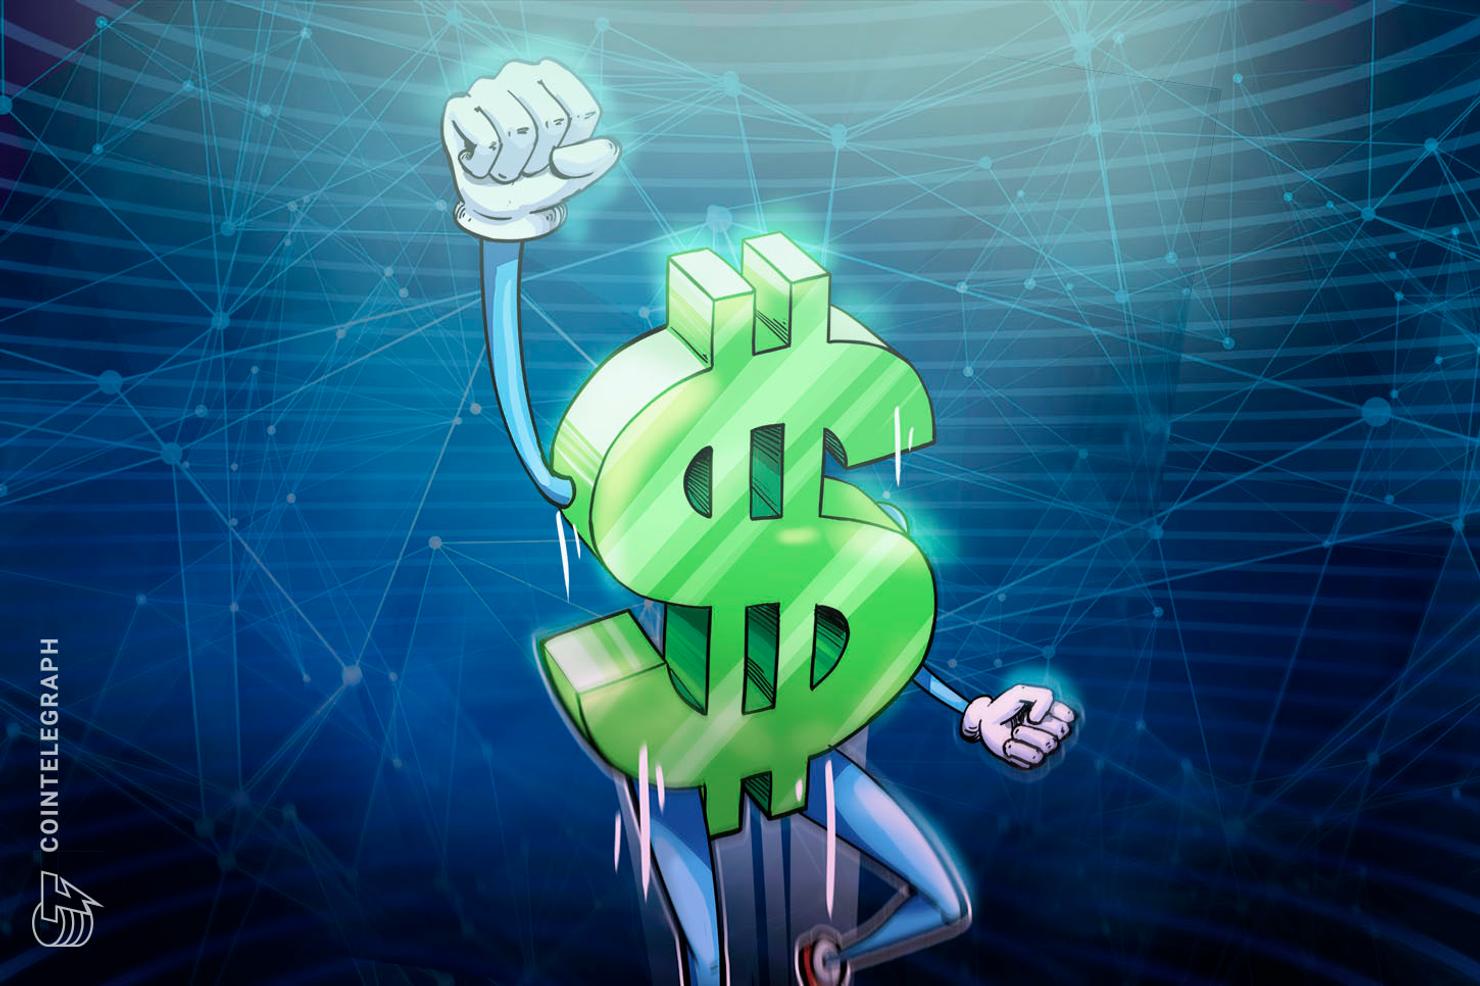 「クリプトパパ」ジャンカルロ氏、ドルのデジタル化を提唱 | 中国のデジタル人民元は「新しいスプートニクショック」【ニュース】